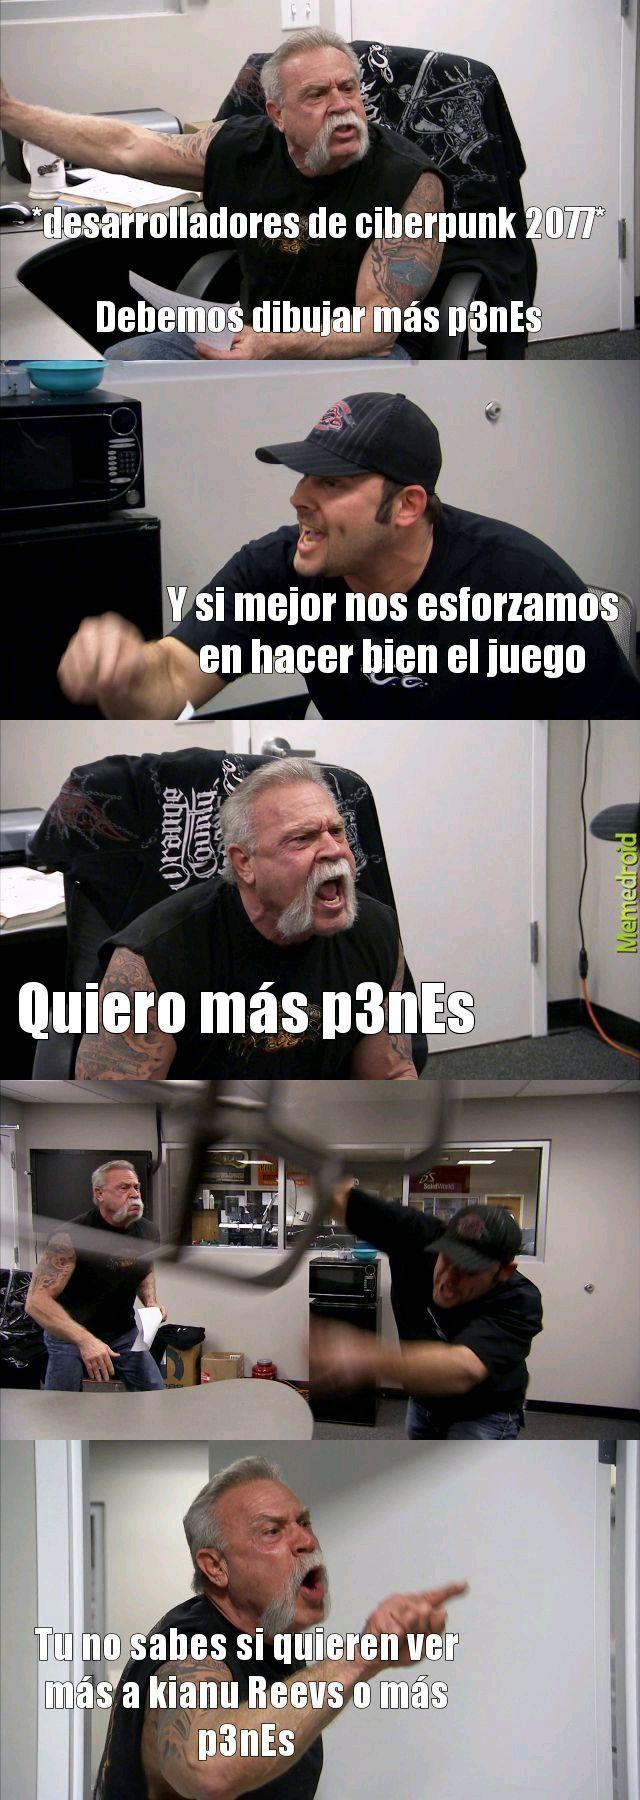 Los desarrolladores de ciberpunk 2077 - meme